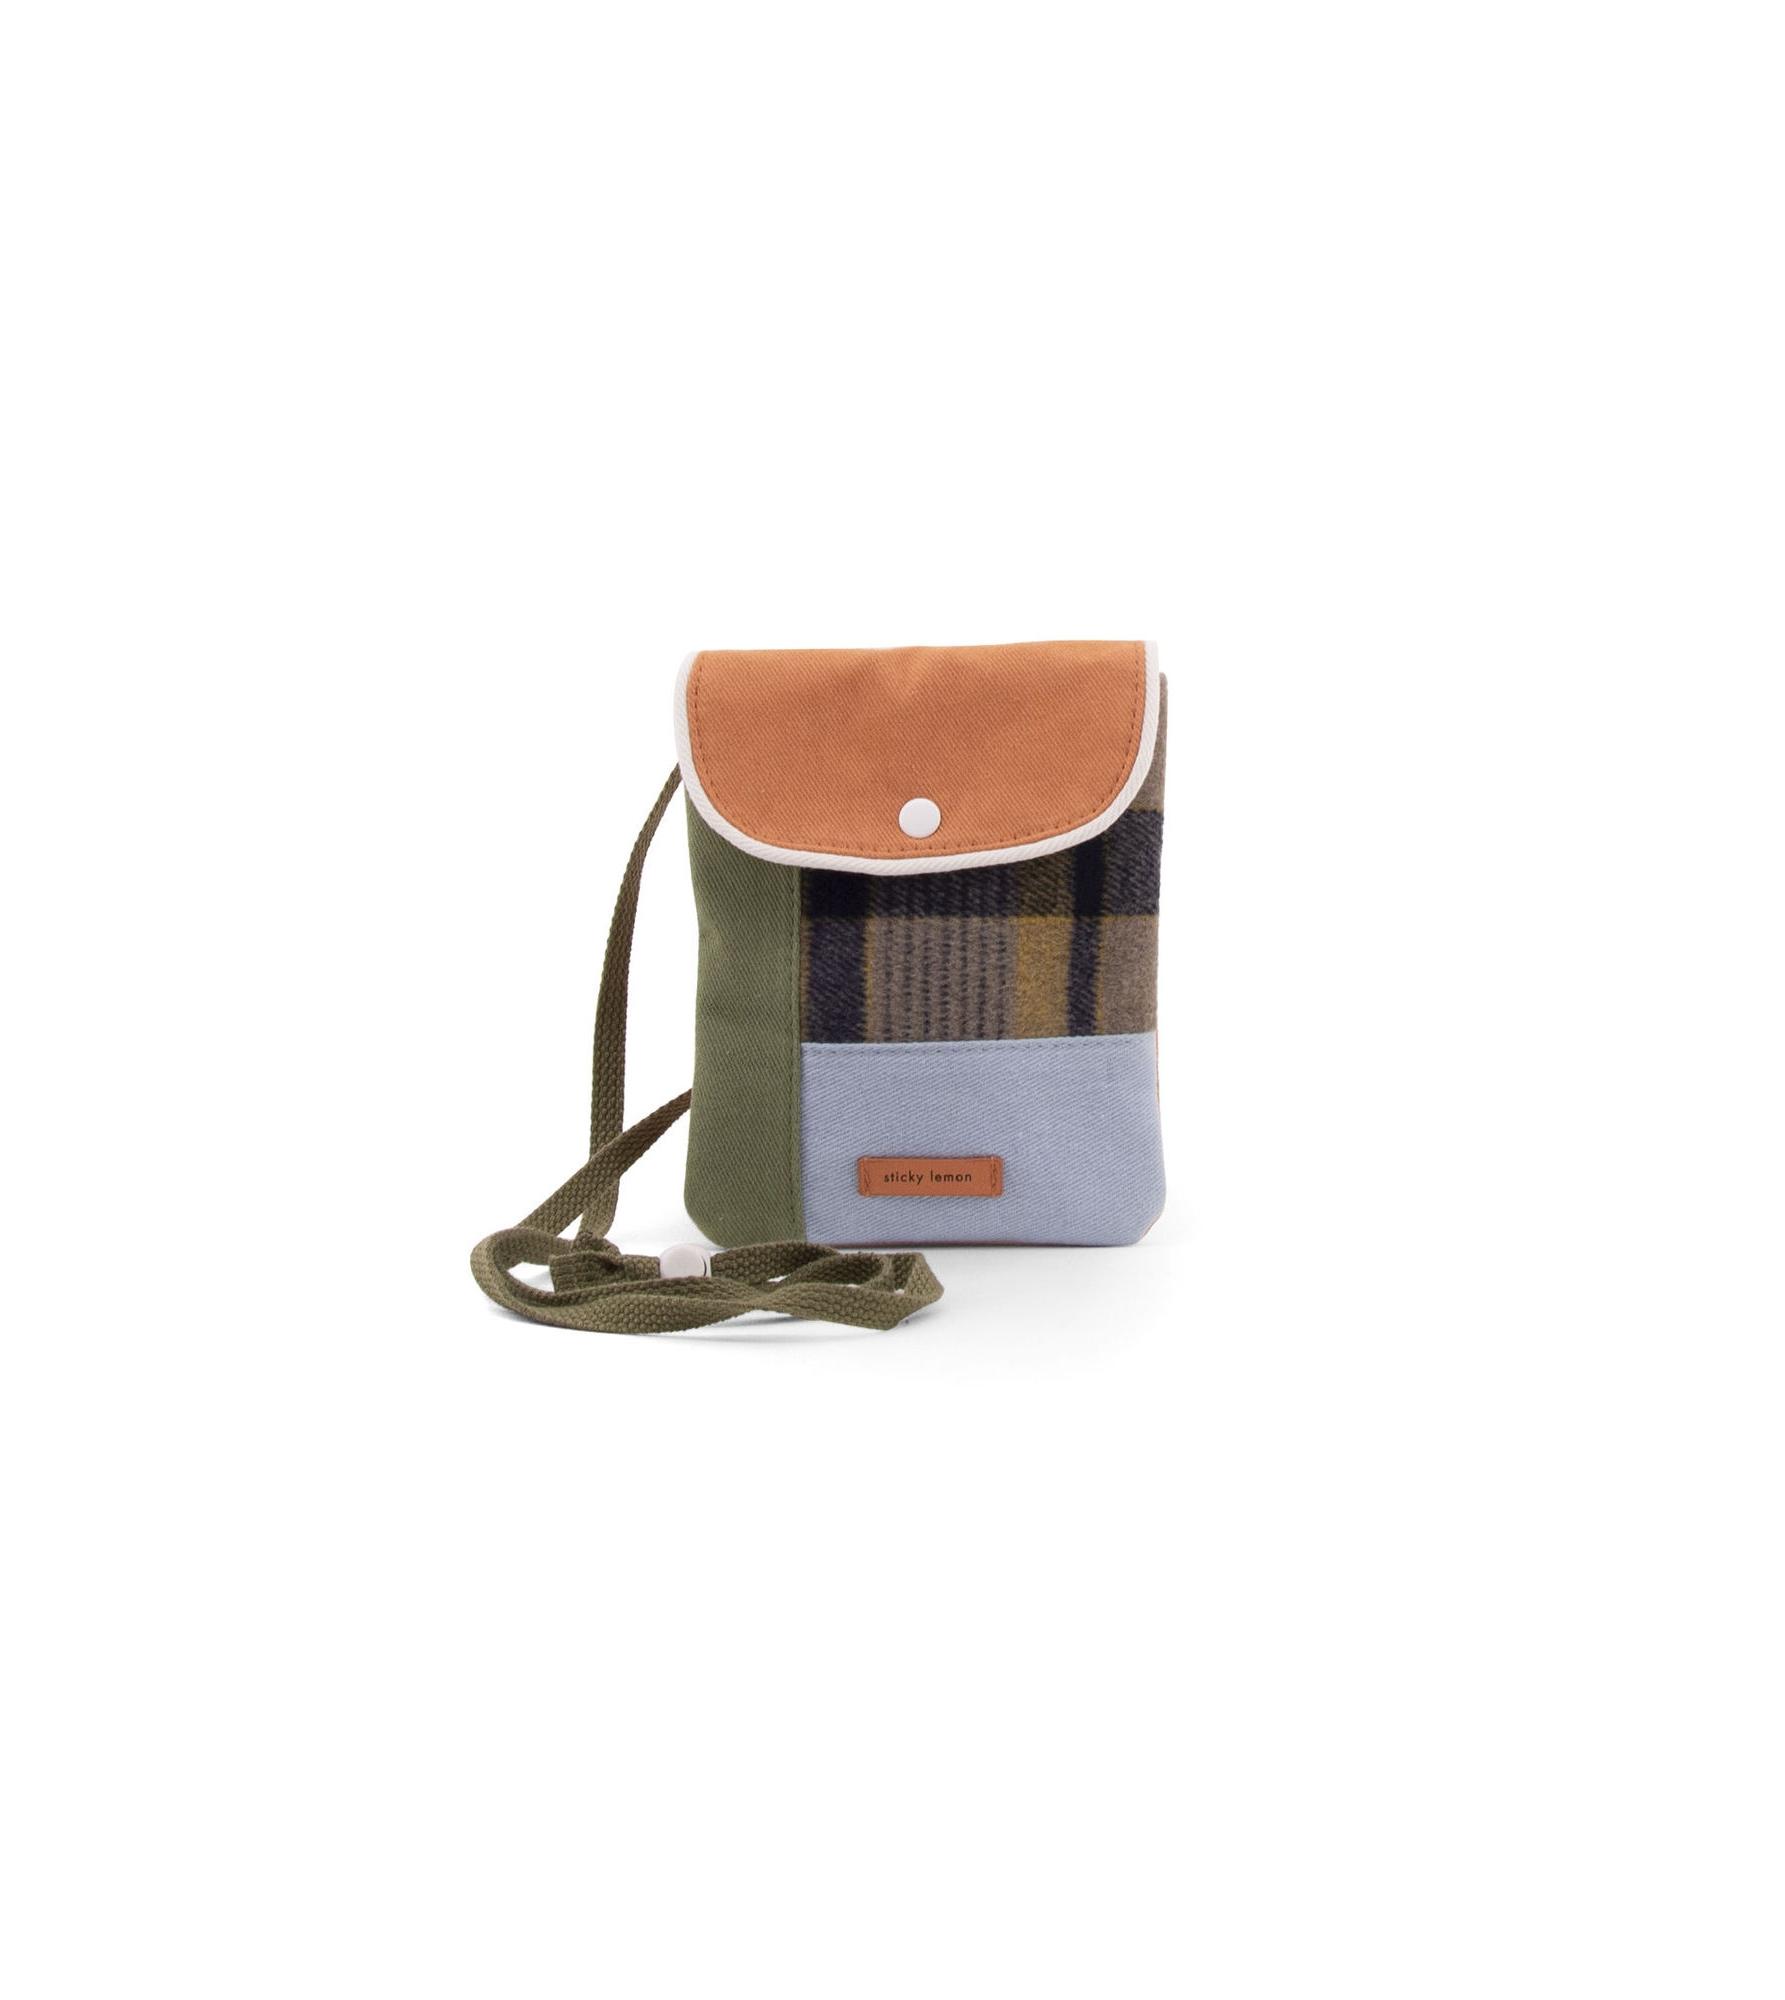 1801679_–_Sticky_Lemon_-_wanderer_-_wallet_bag_-_sandy_beige_-_front.jpg